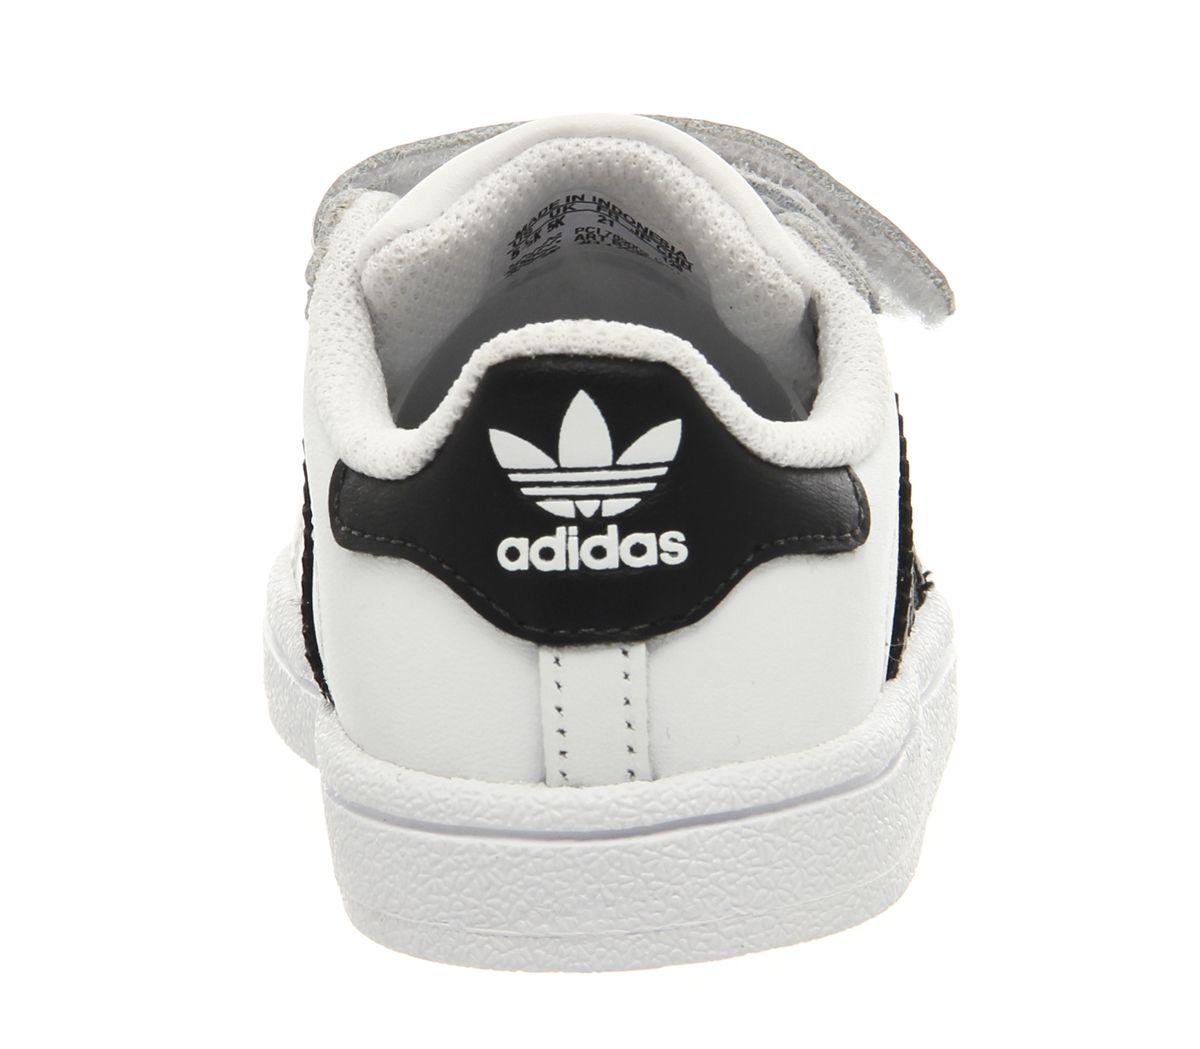 Infantil Adidas Superstar Infantil 2 9 Blanco Negro Blancos